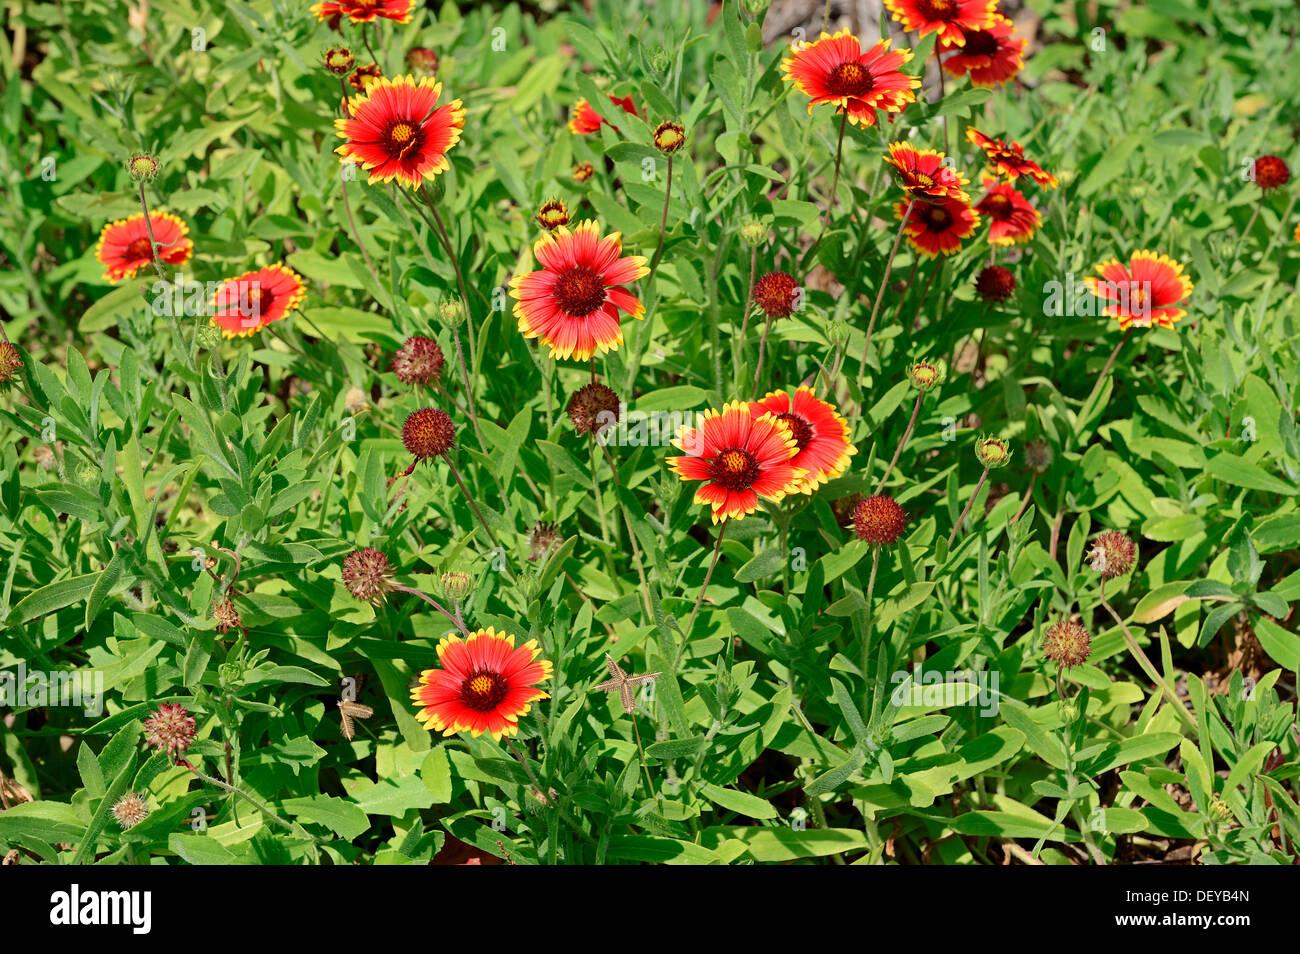 Firewheel, Blanketflower couverture indienne, indienne ou Sundance (Gaillardia pulchella), Merritt Island, Florida, United States Photo Stock